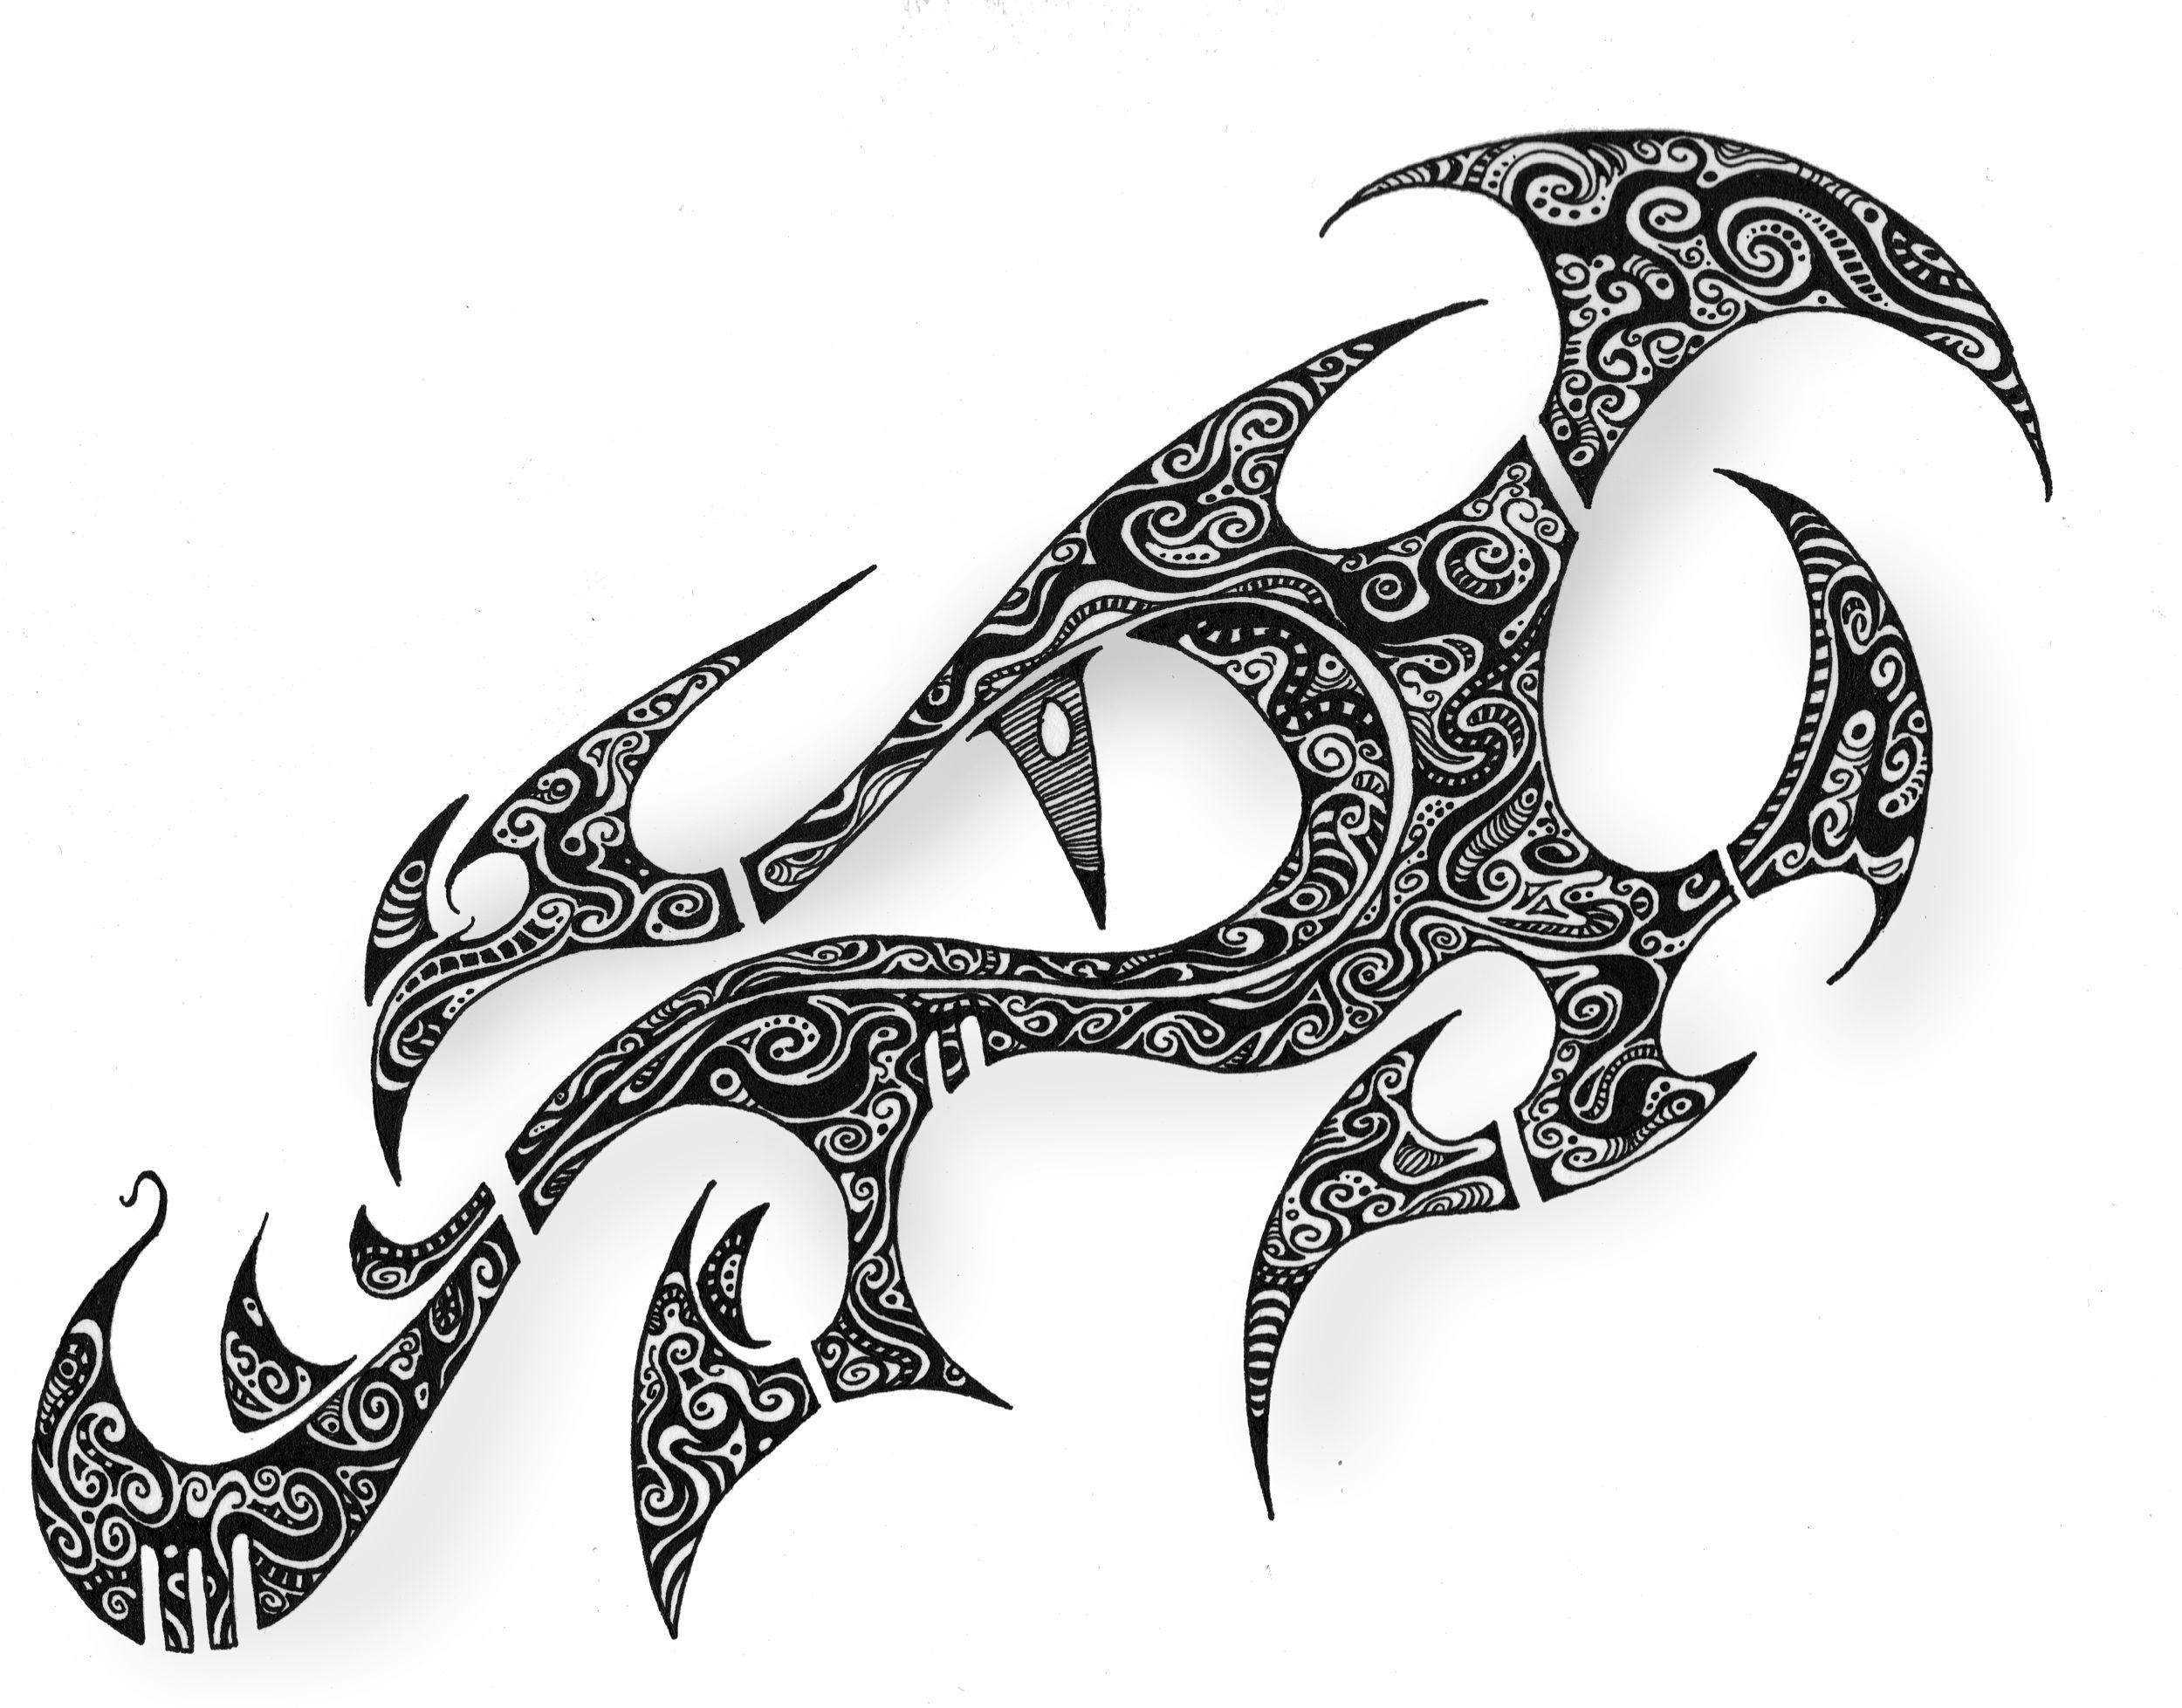 Dragon Eye Tattoo Armband tattoo design, Free tattoo